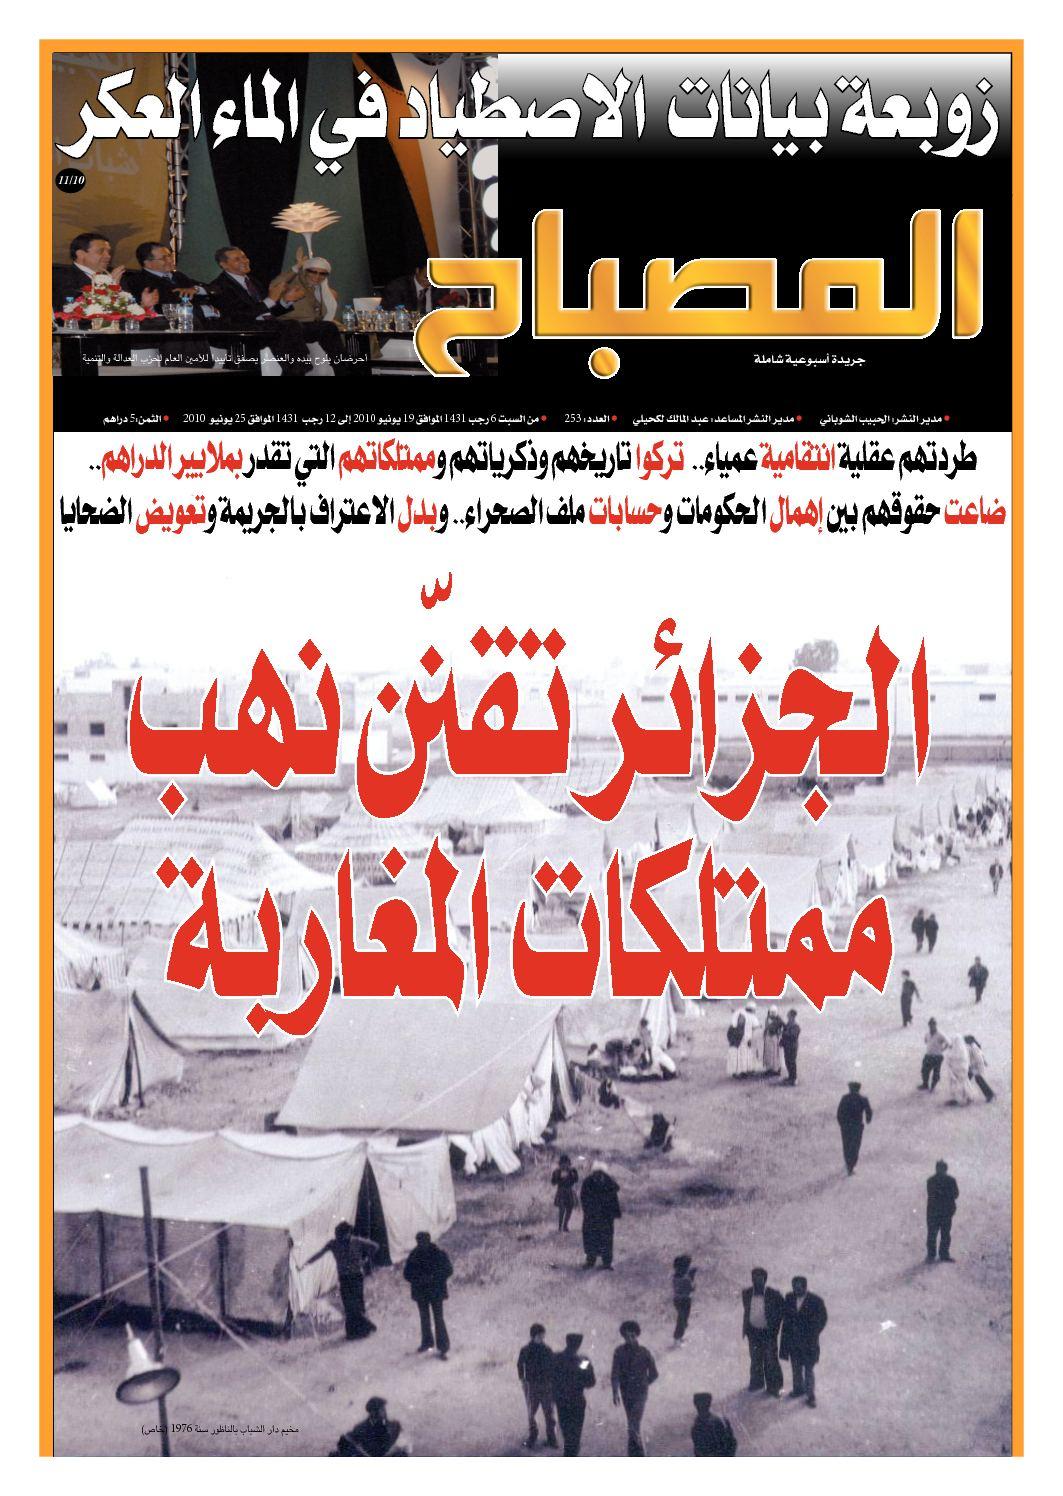 الجزائر تقنن نهب ممتلكات المغاربة